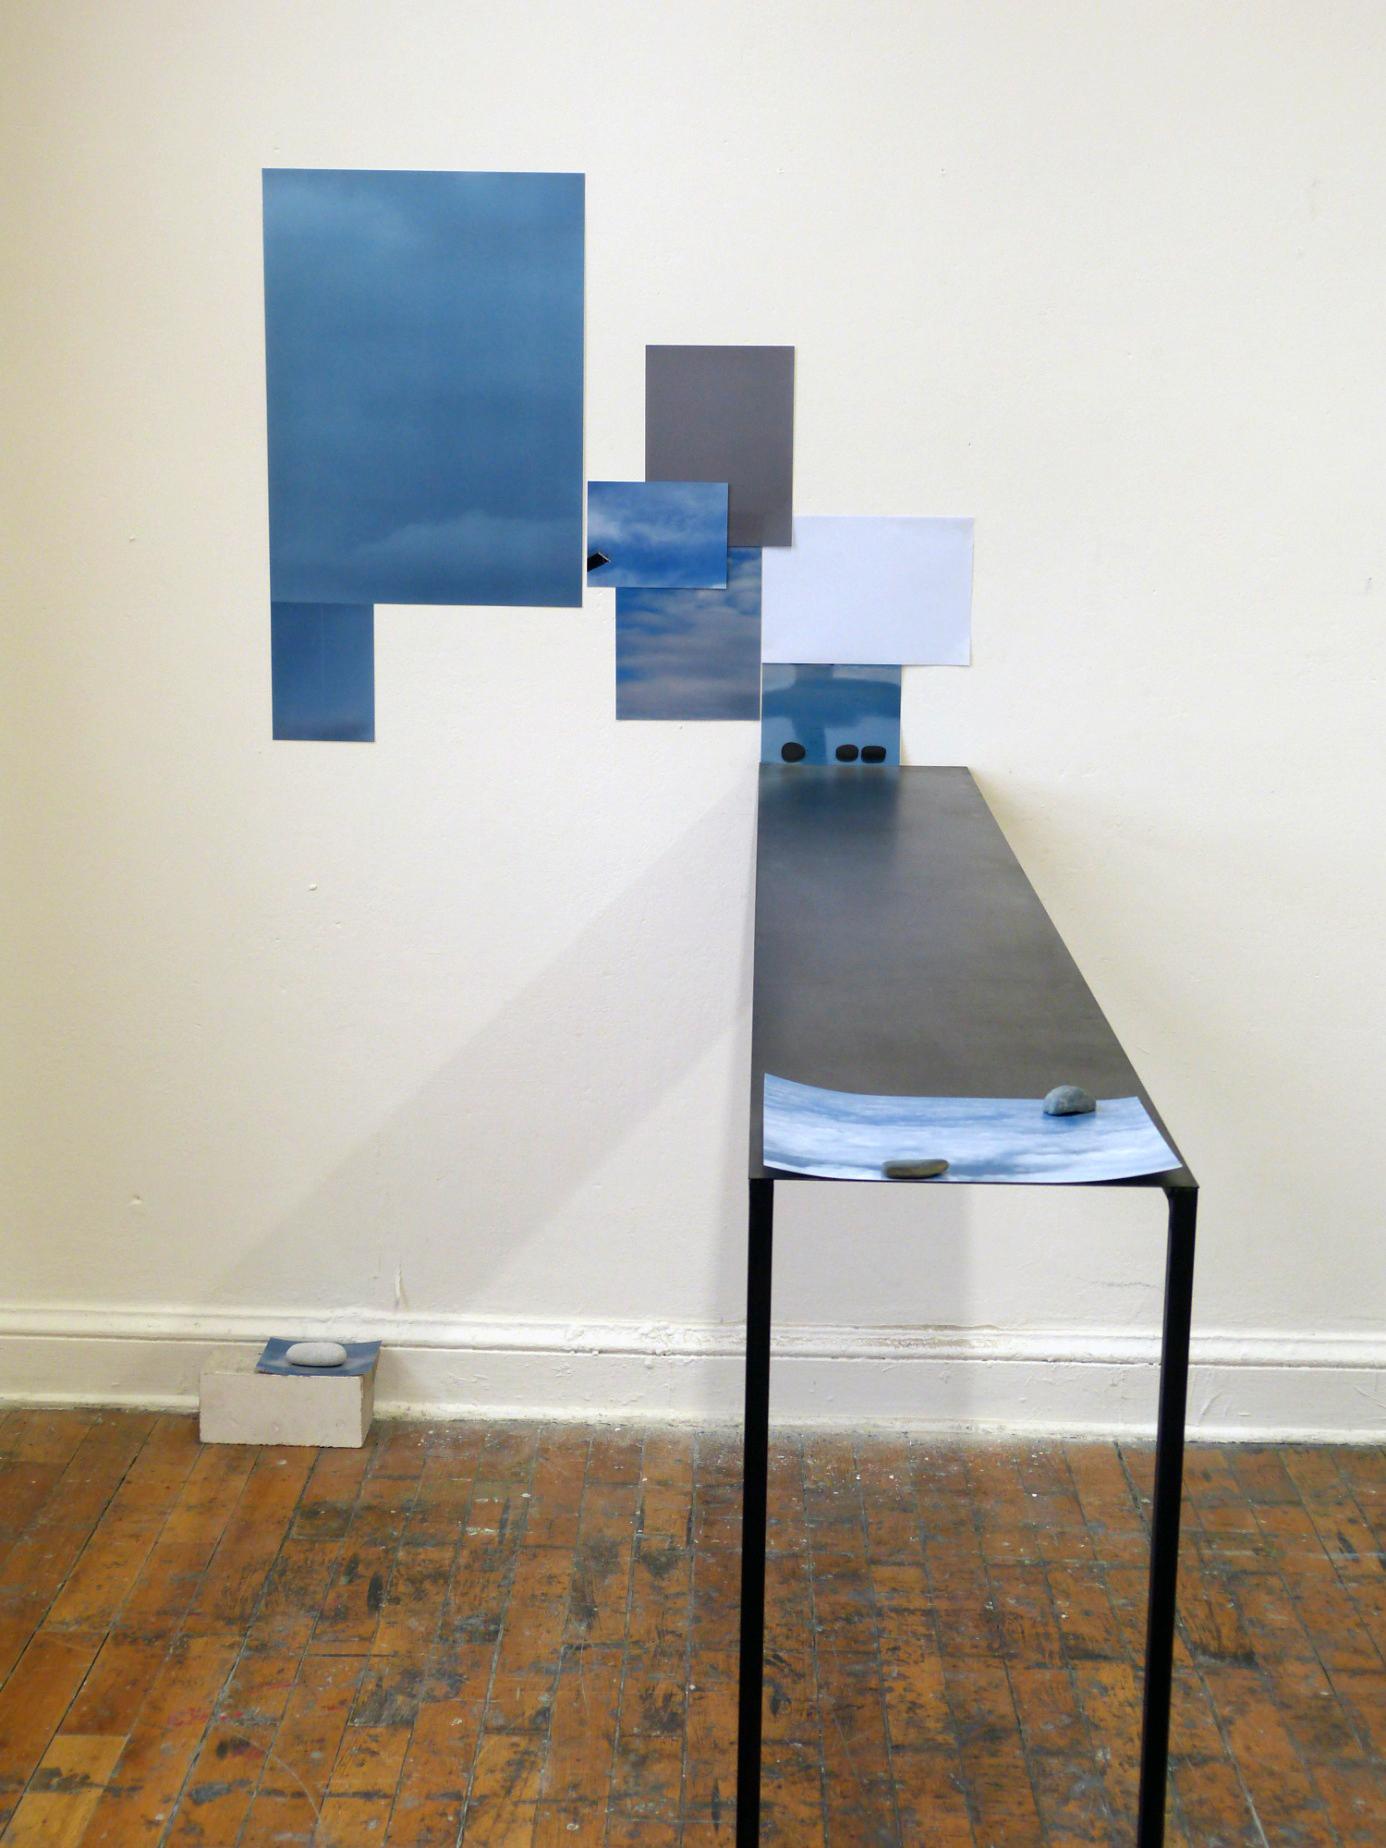 Mimi Kunz o.T. Installation (Sprungbrett) 2012